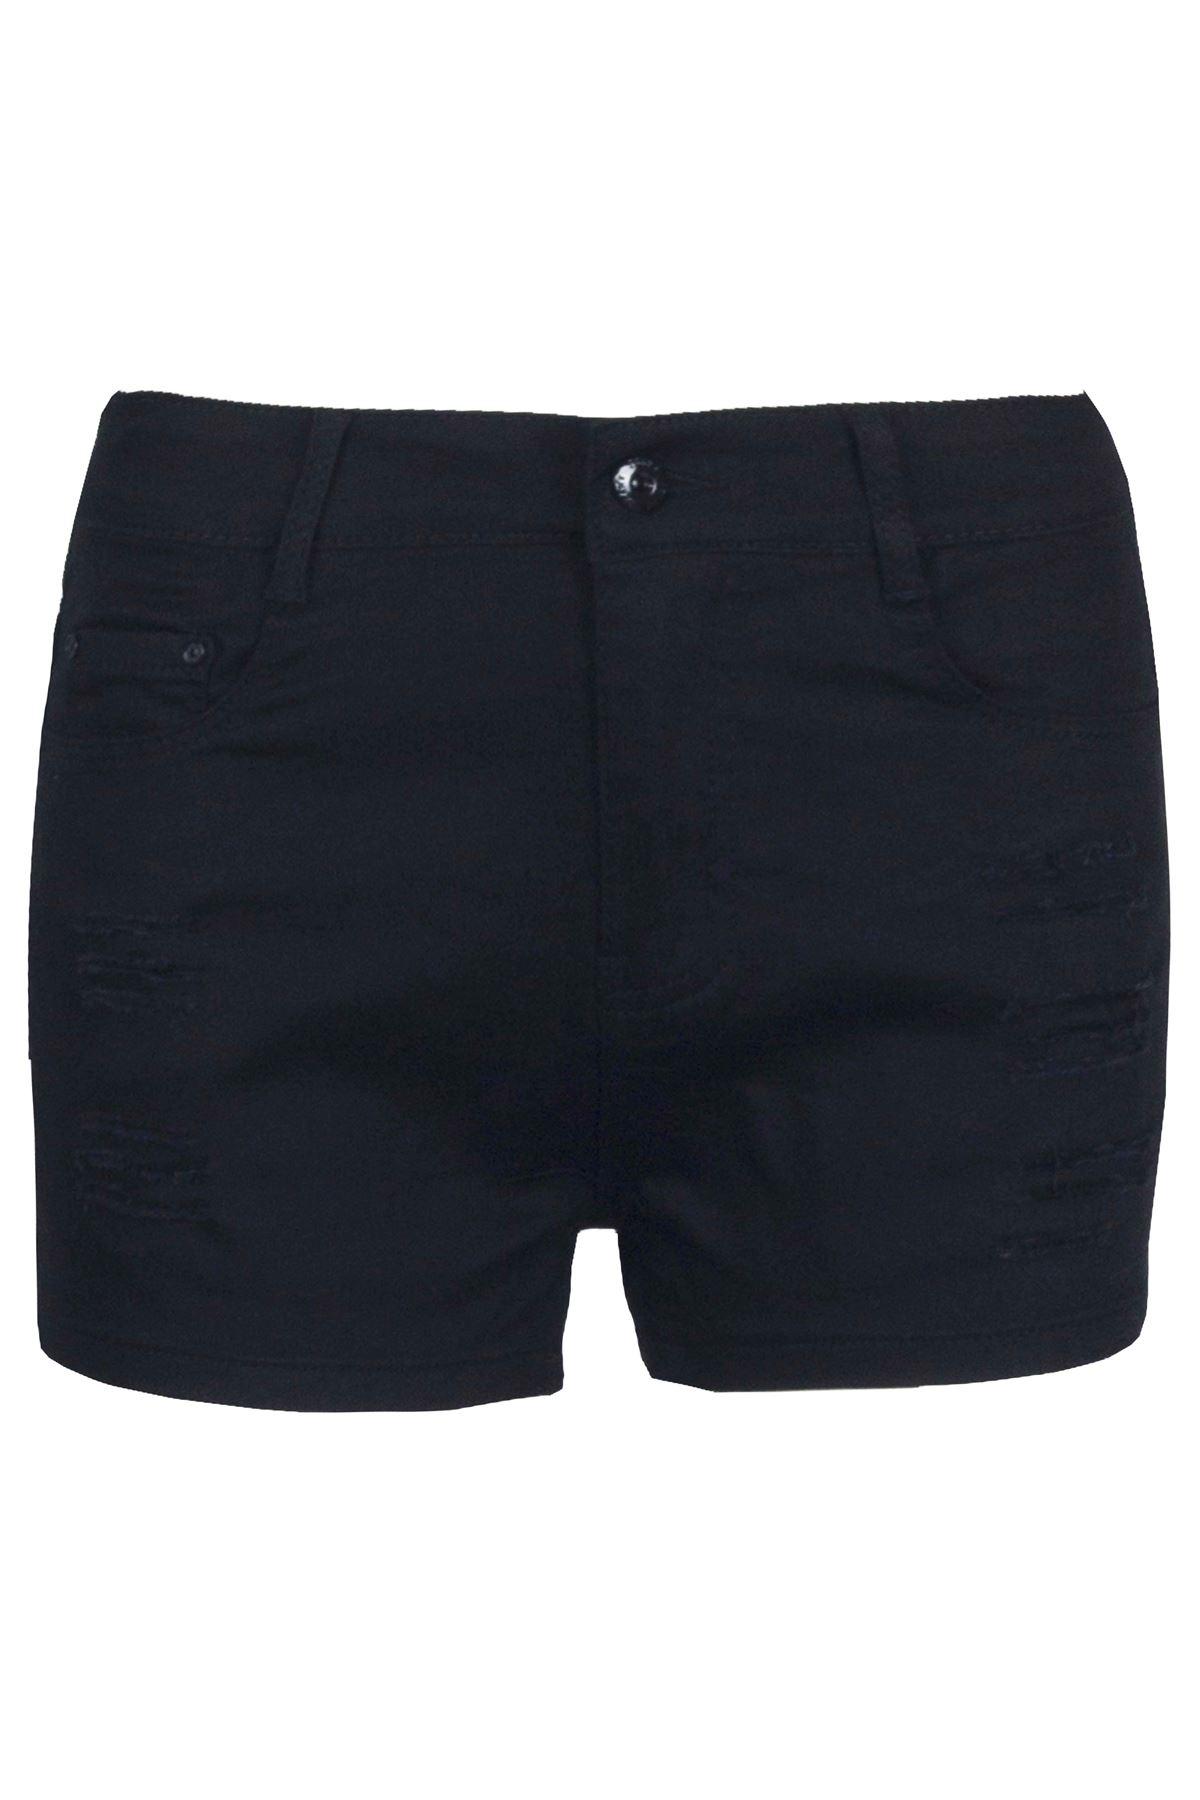 Femmes-Bouton-Dechire-Vieilli-Vintage-Femmes-Denim-Poche-Mini-Shorts-Hot-Pants